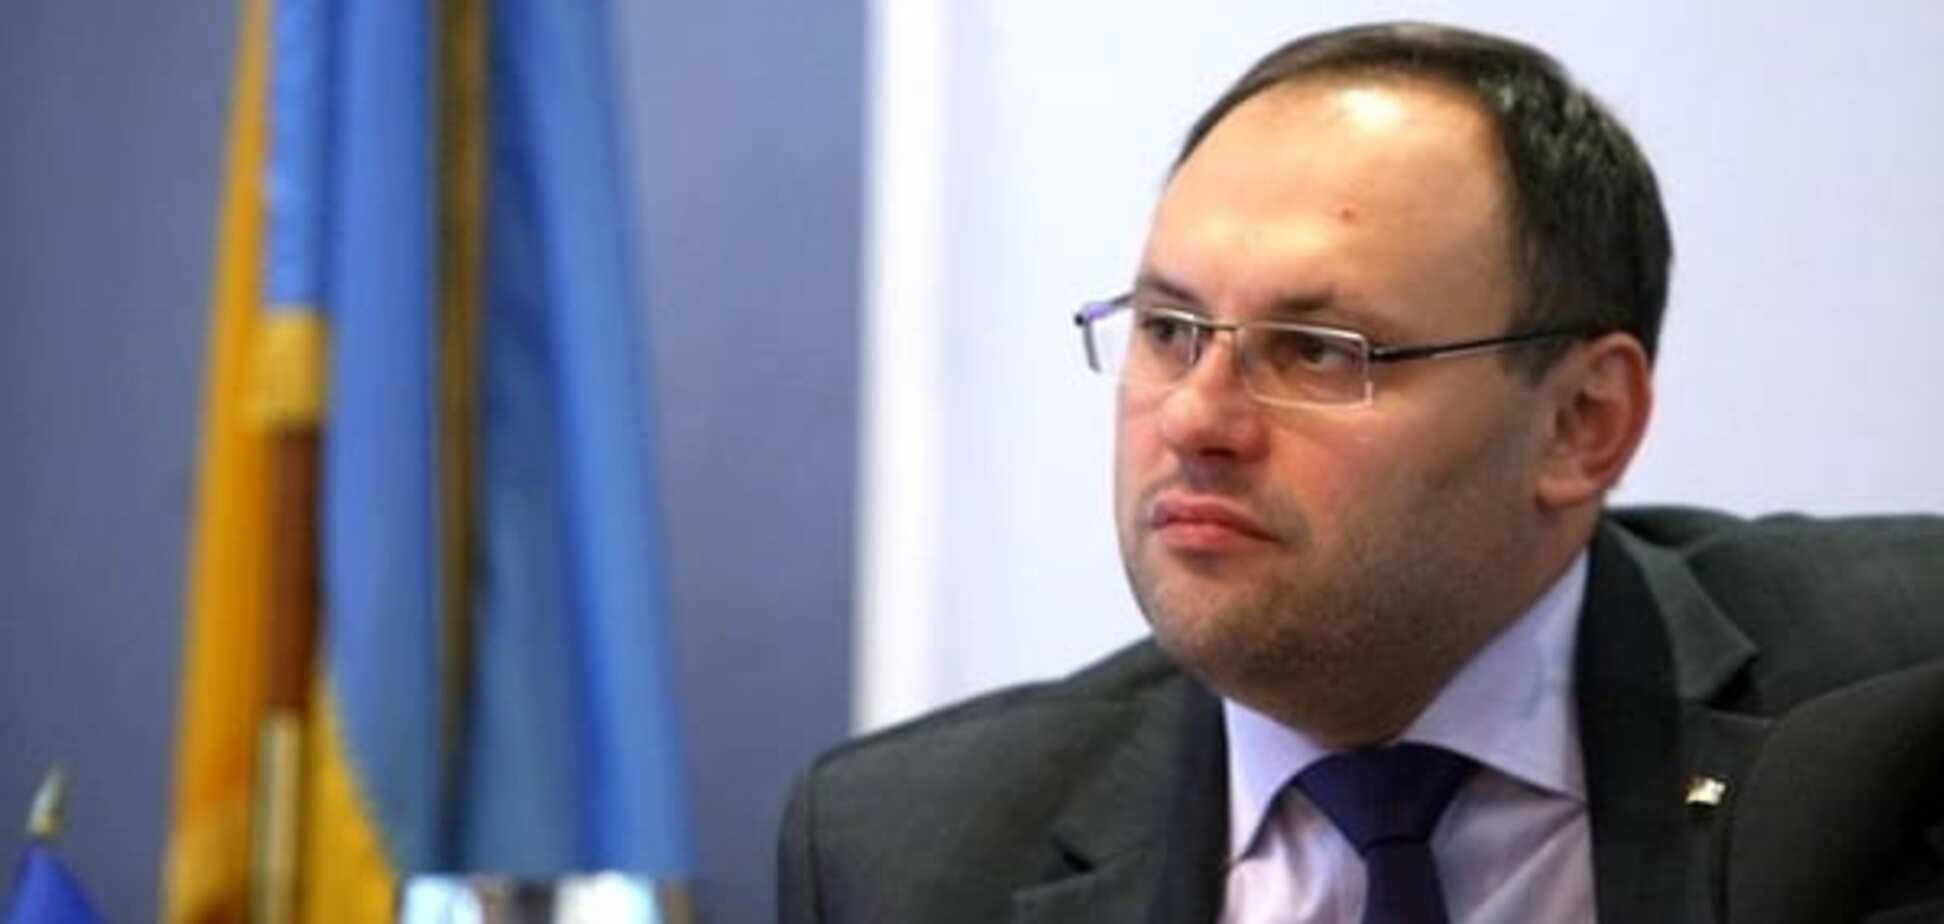 Екстрадиція Каськіва: Луценко вказав на важливу деталь